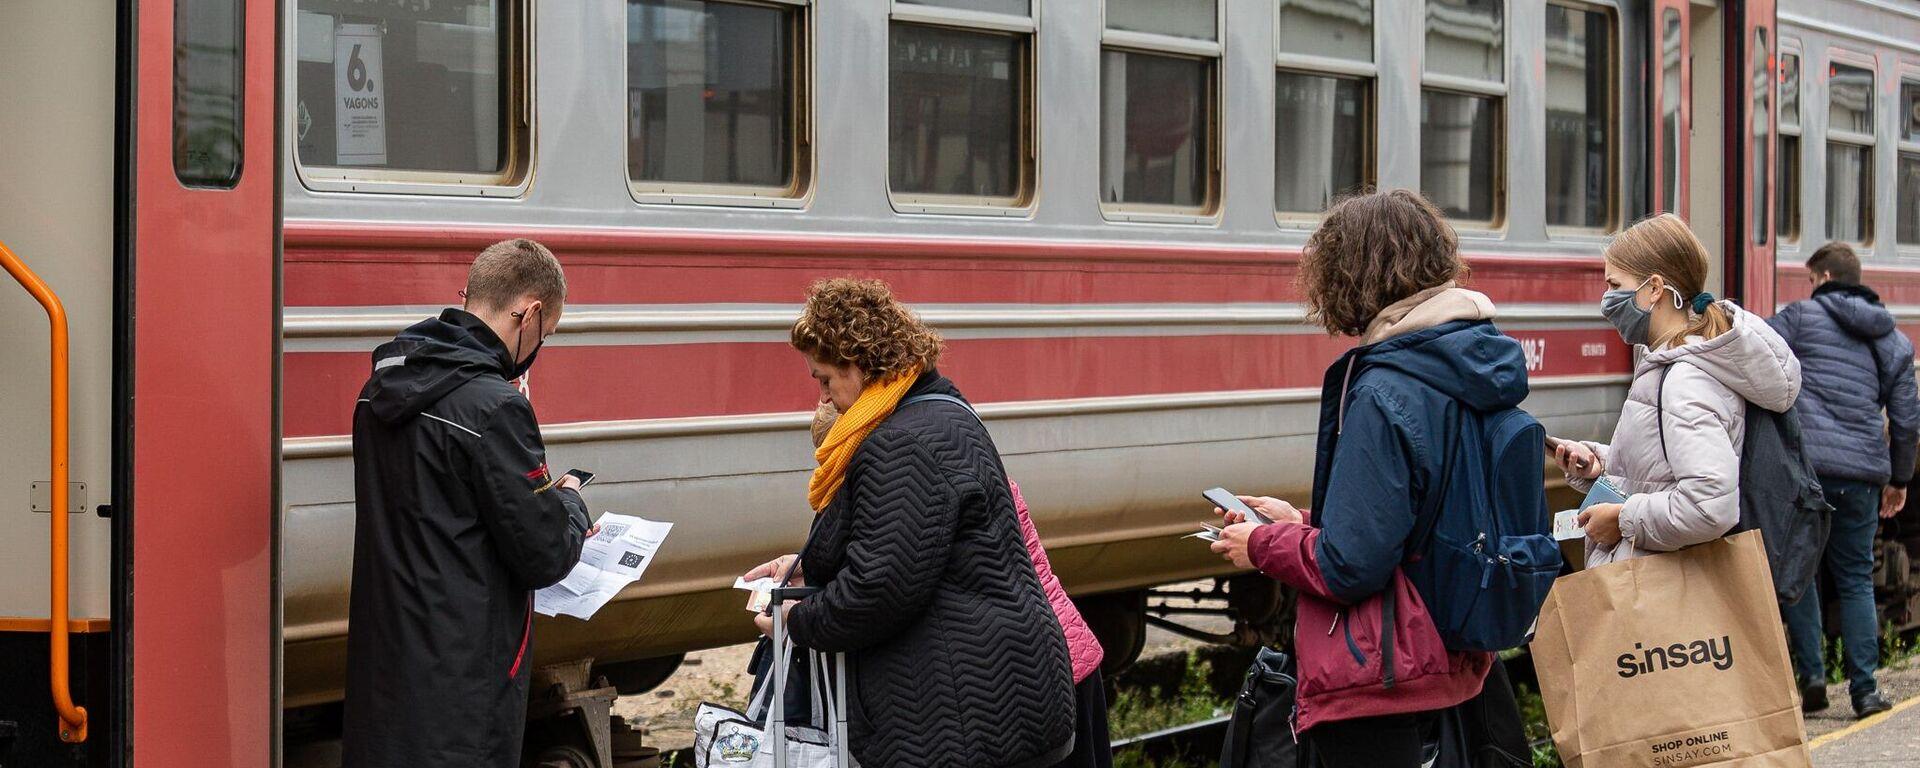 Поезд с вагоном для обладателей ковид-сертификатов - Sputnik Latvija, 1920, 25.09.2021